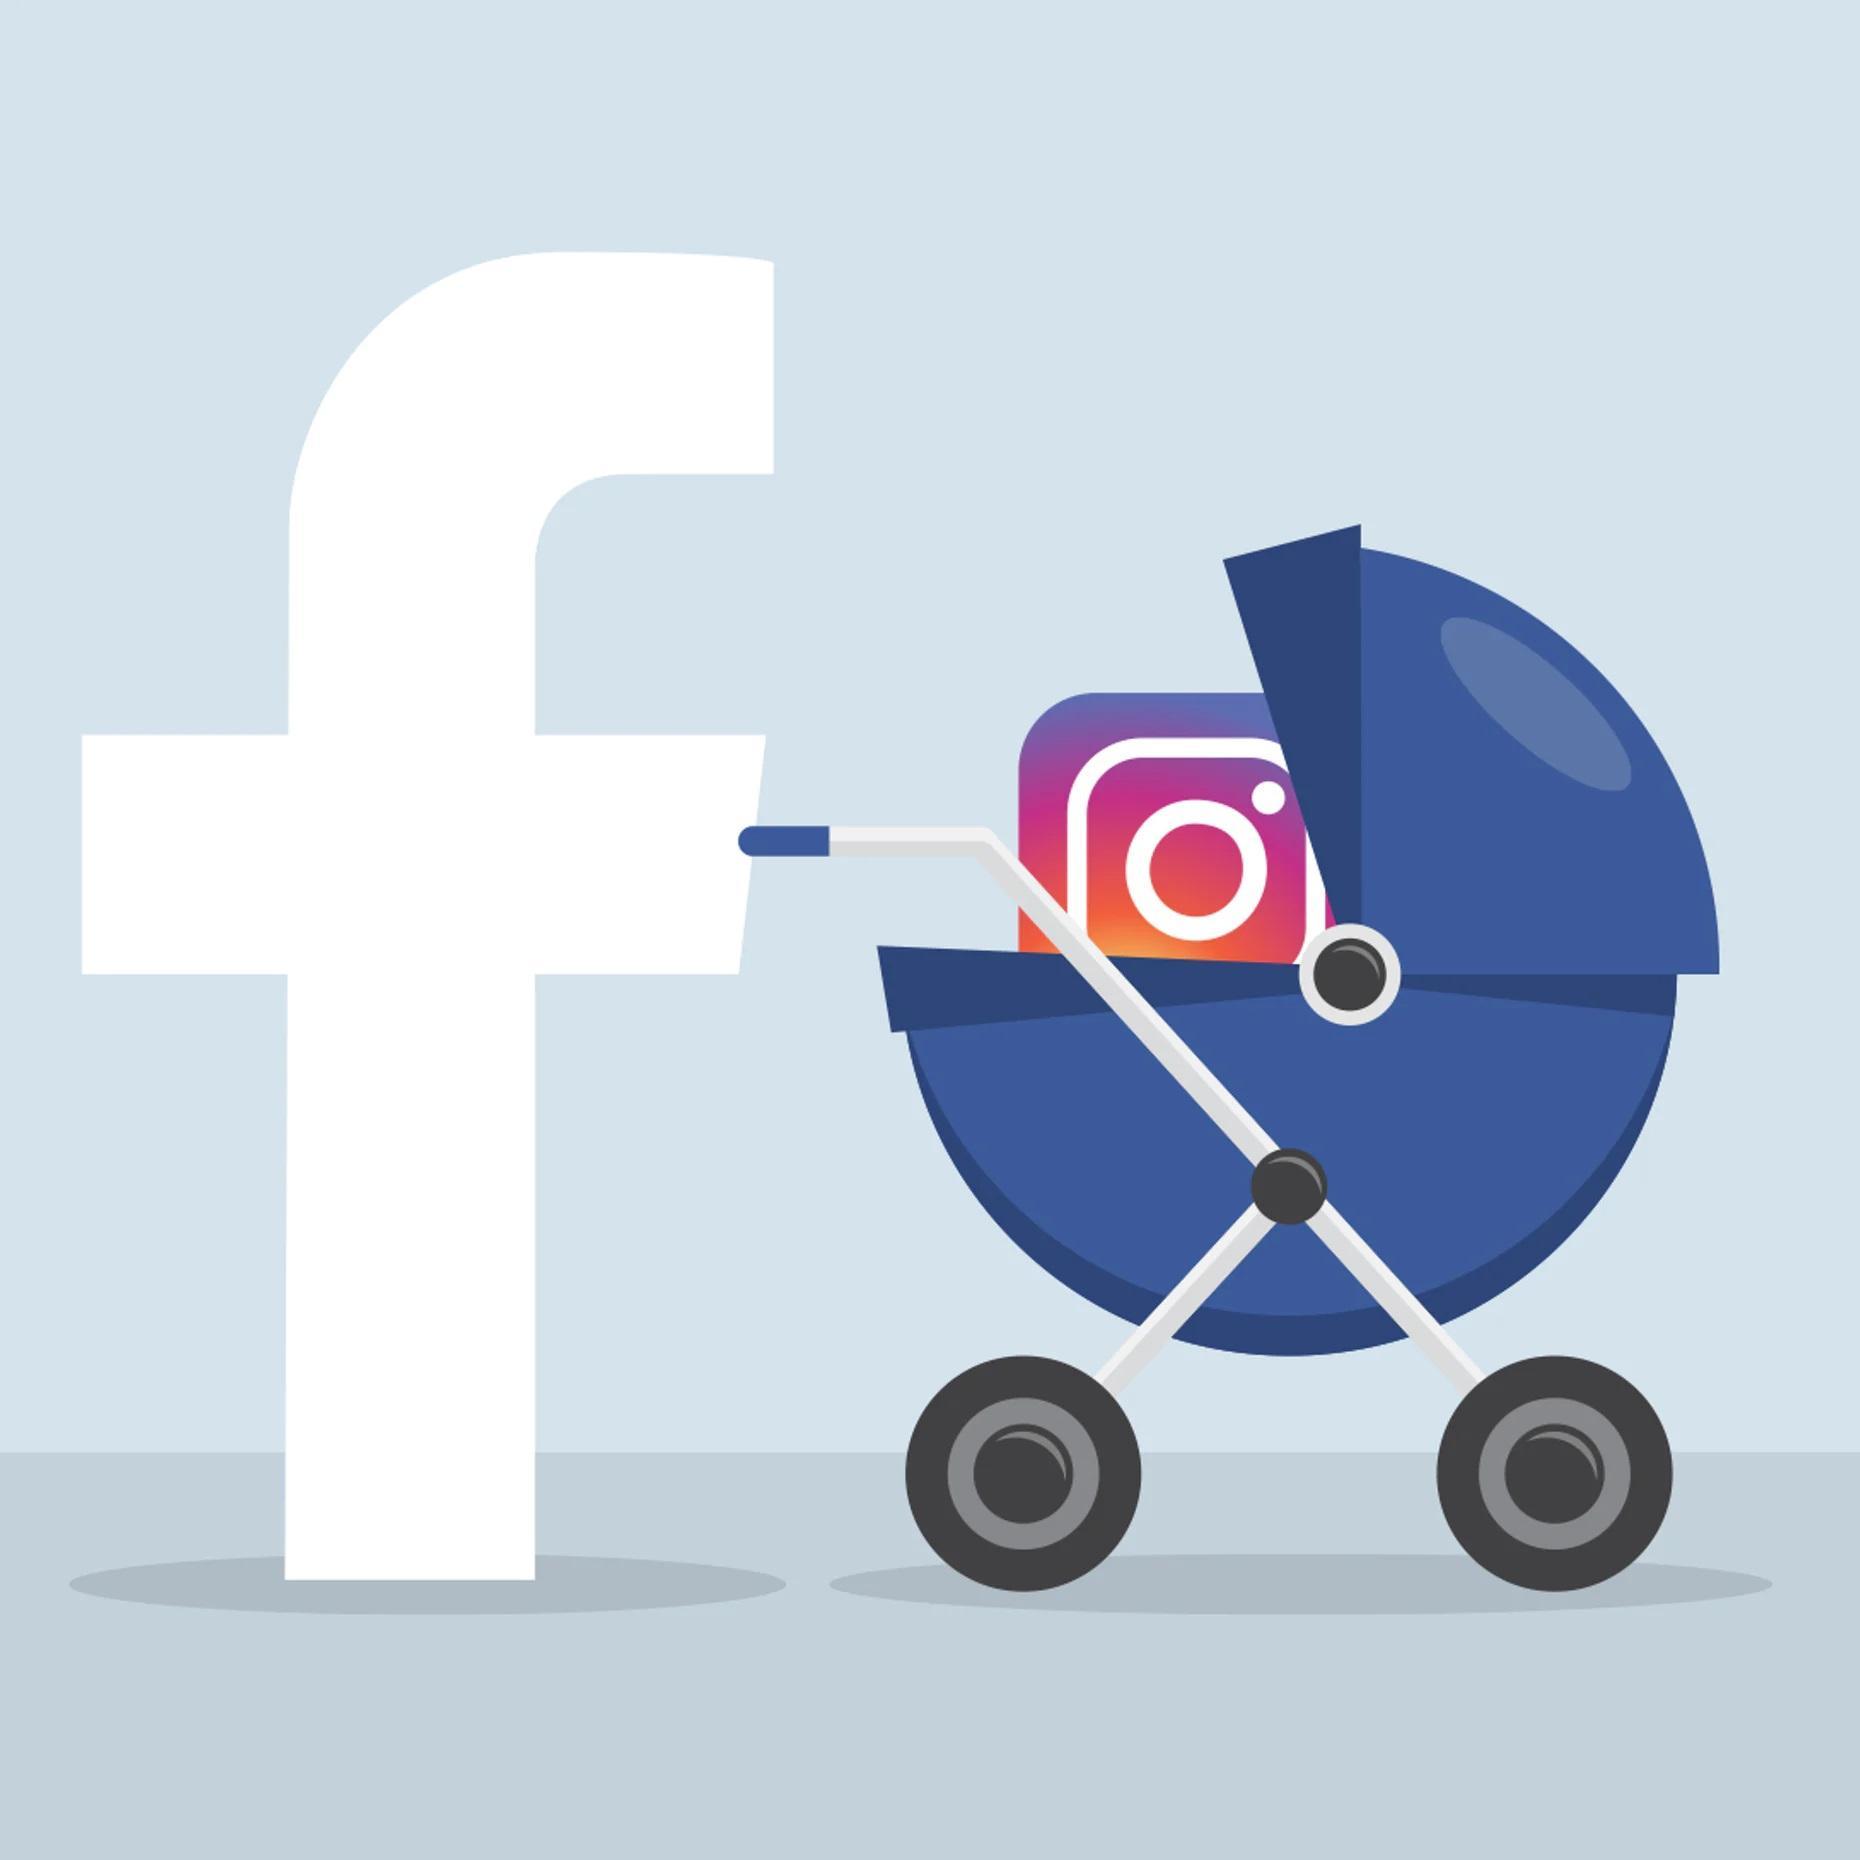 فیسبوک و اینستاگرام: داده بدهید تا پول ندهید